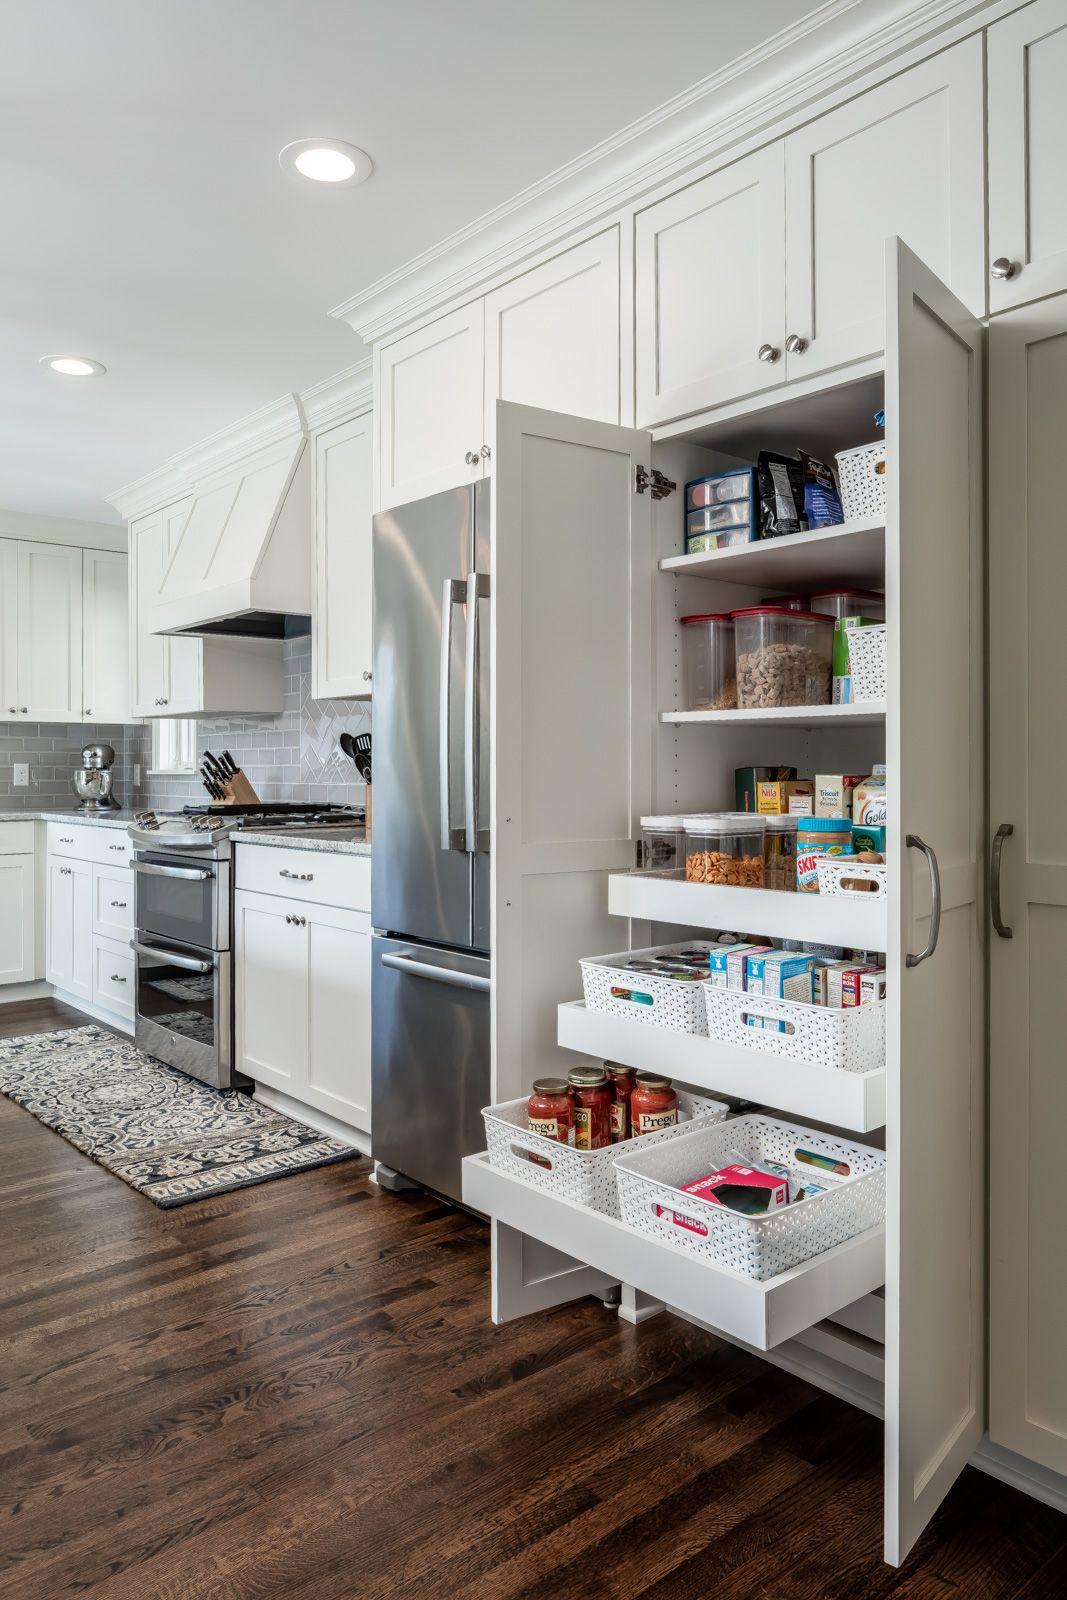 pinsicora designbuild on kitchen remodeling  kitchen